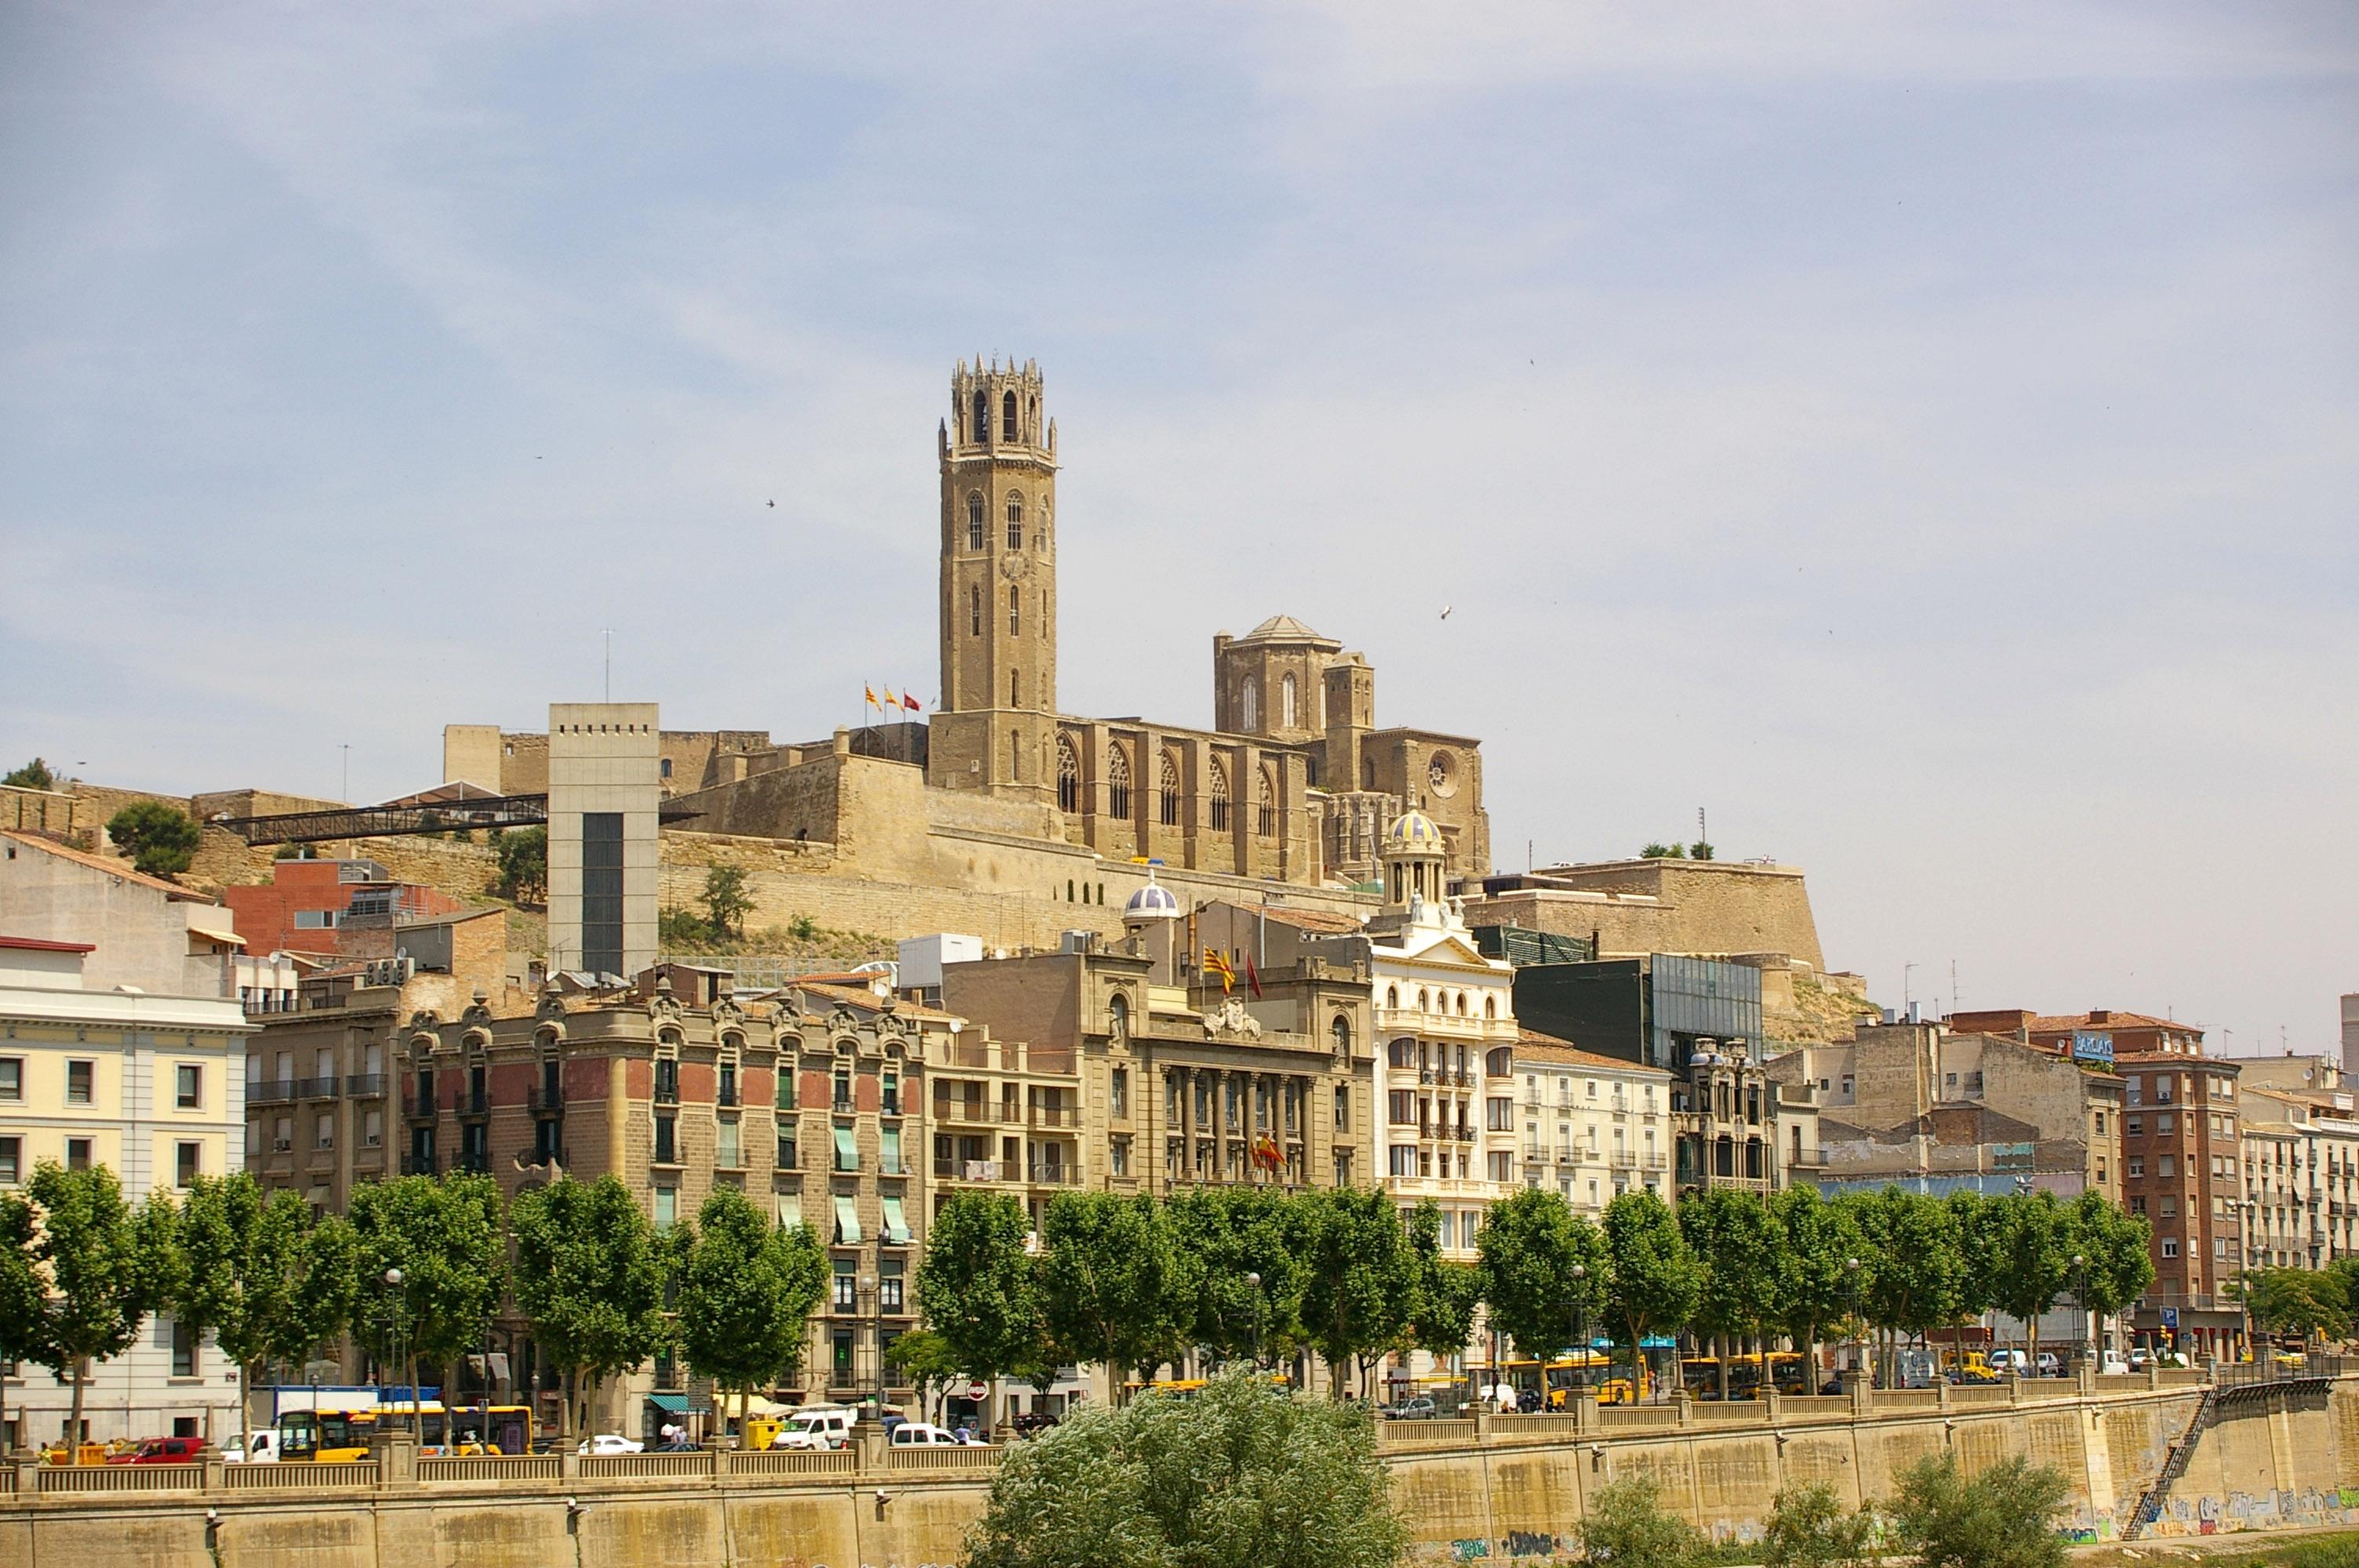 Lleida Spain  City pictures : Archivo:Lleida La Seu Vella des de Cappont Wikipedia, la ...